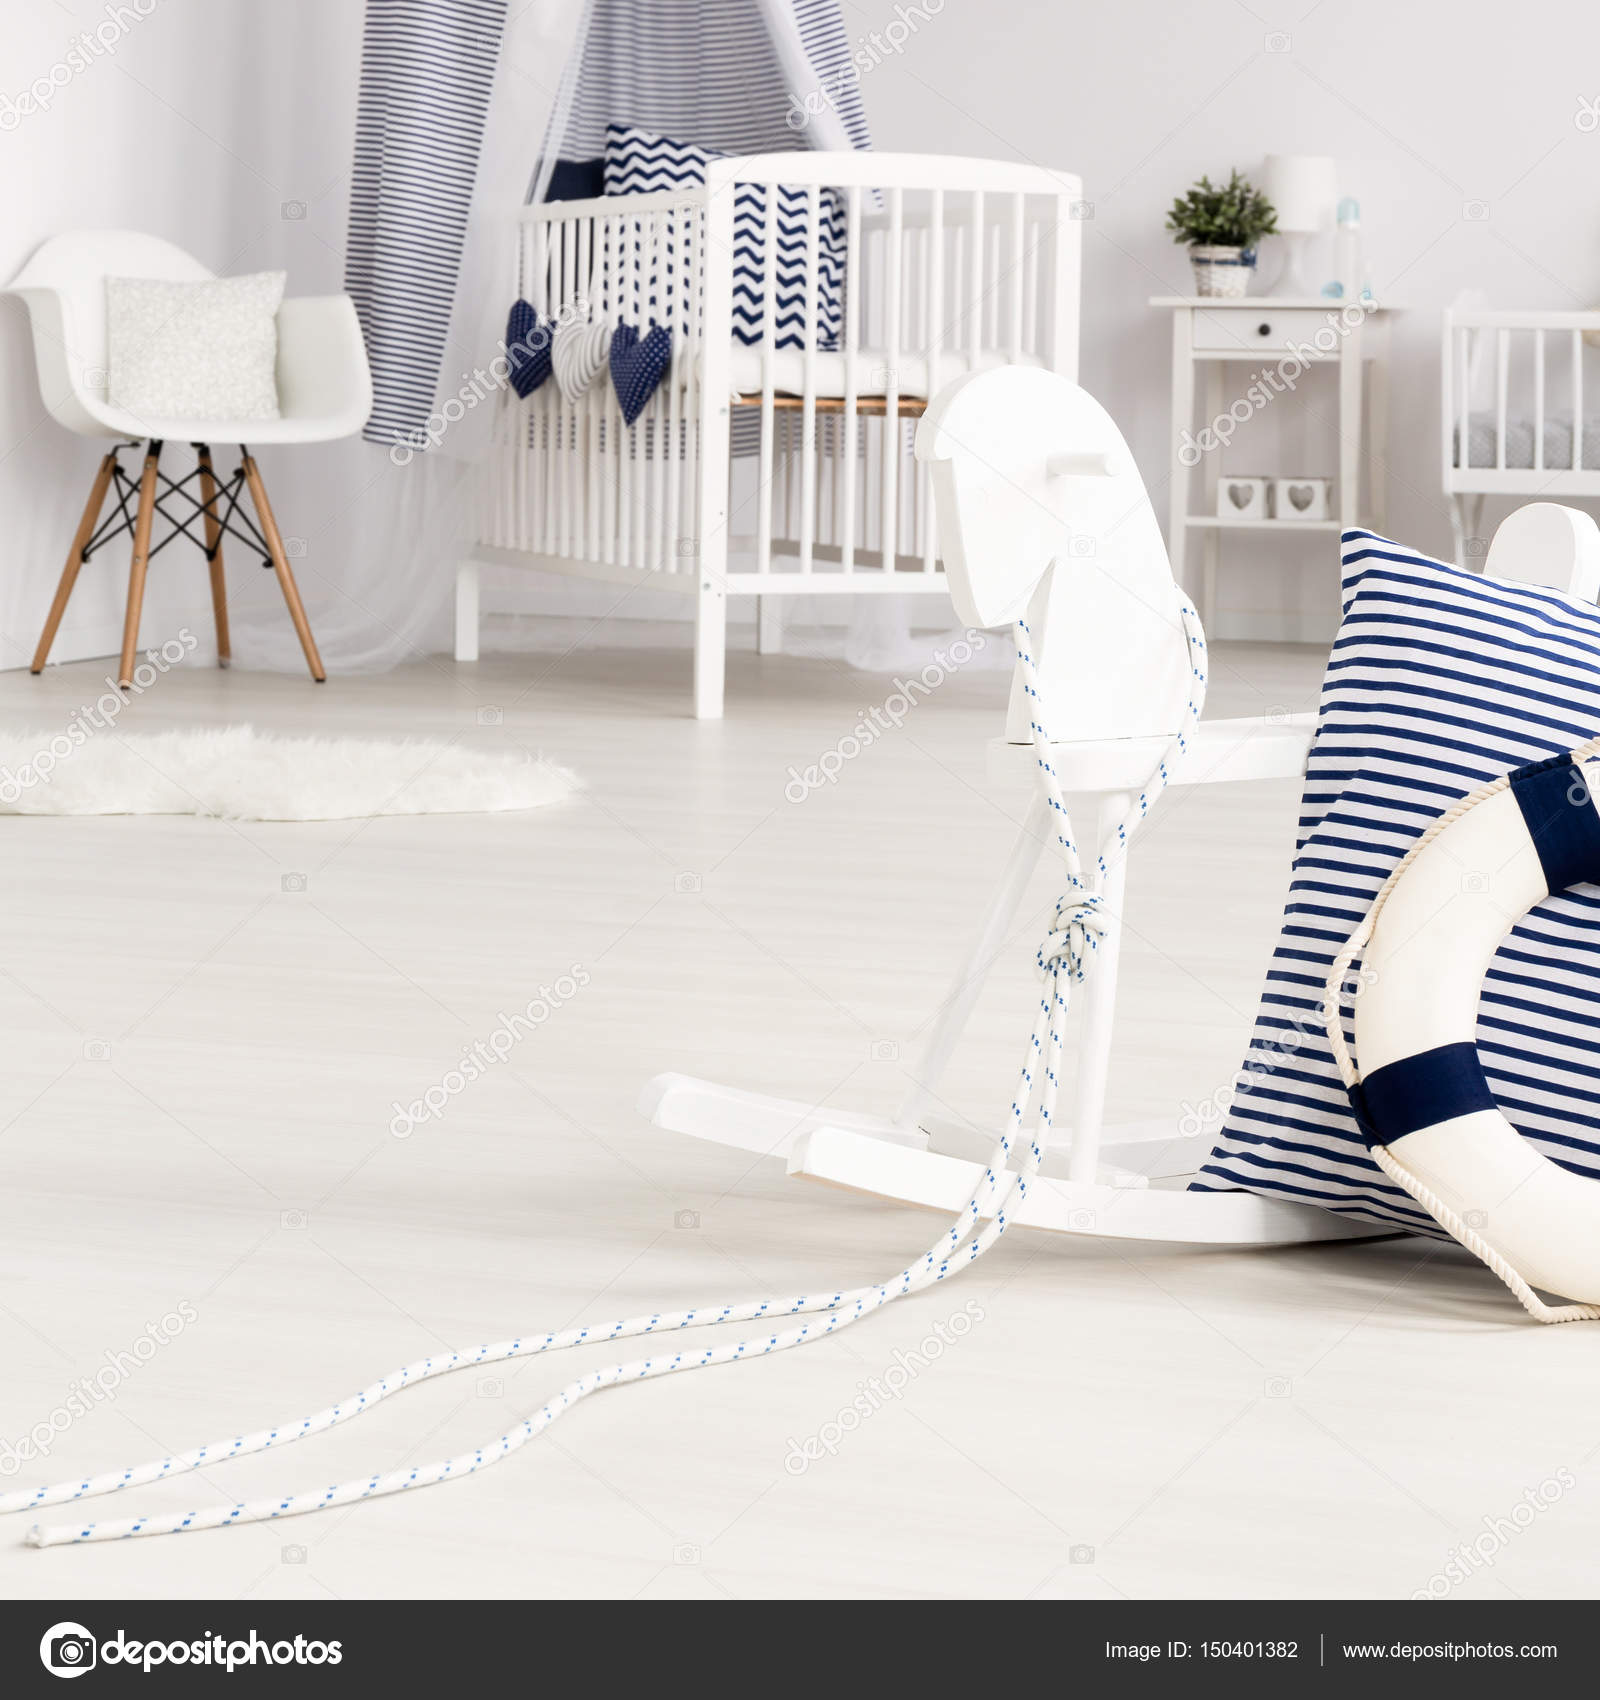 Minimalistische Babyzimmer Mit Marine Akzenten U2014 Stockfoto